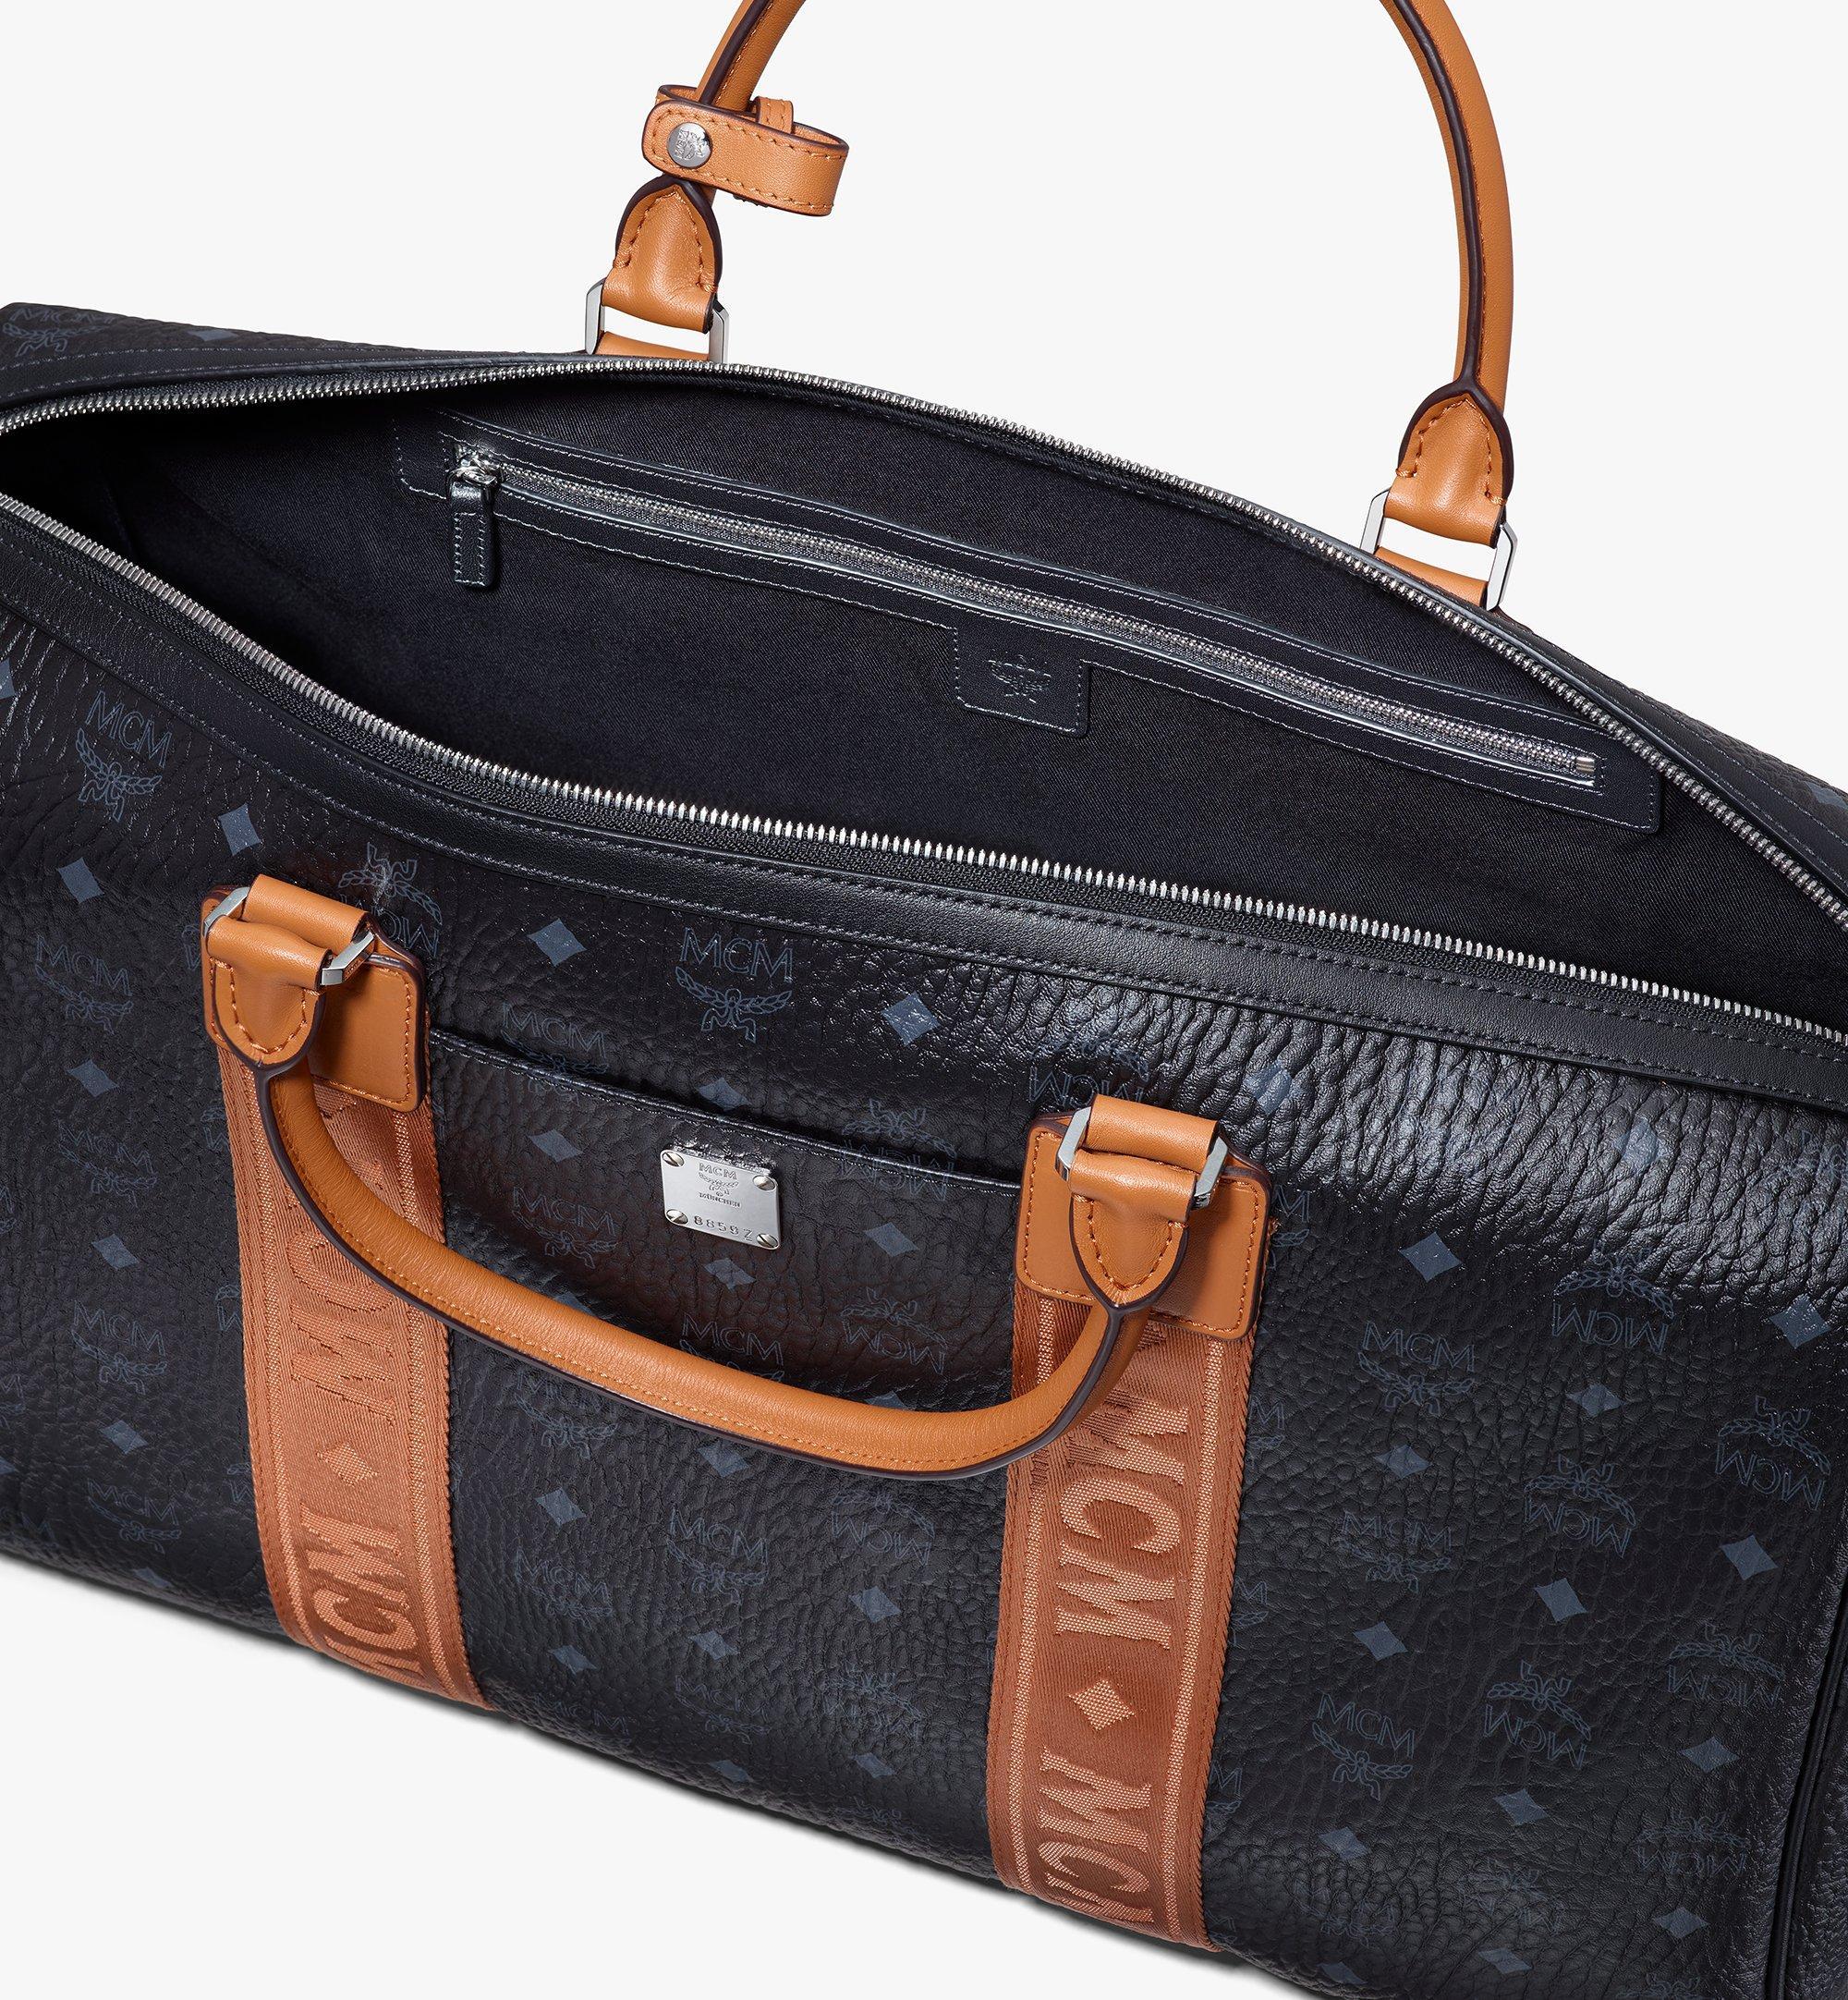 MCM Traveler Weekender Bag in Visetos Black MMVASVY04BK001 Alternate View 4